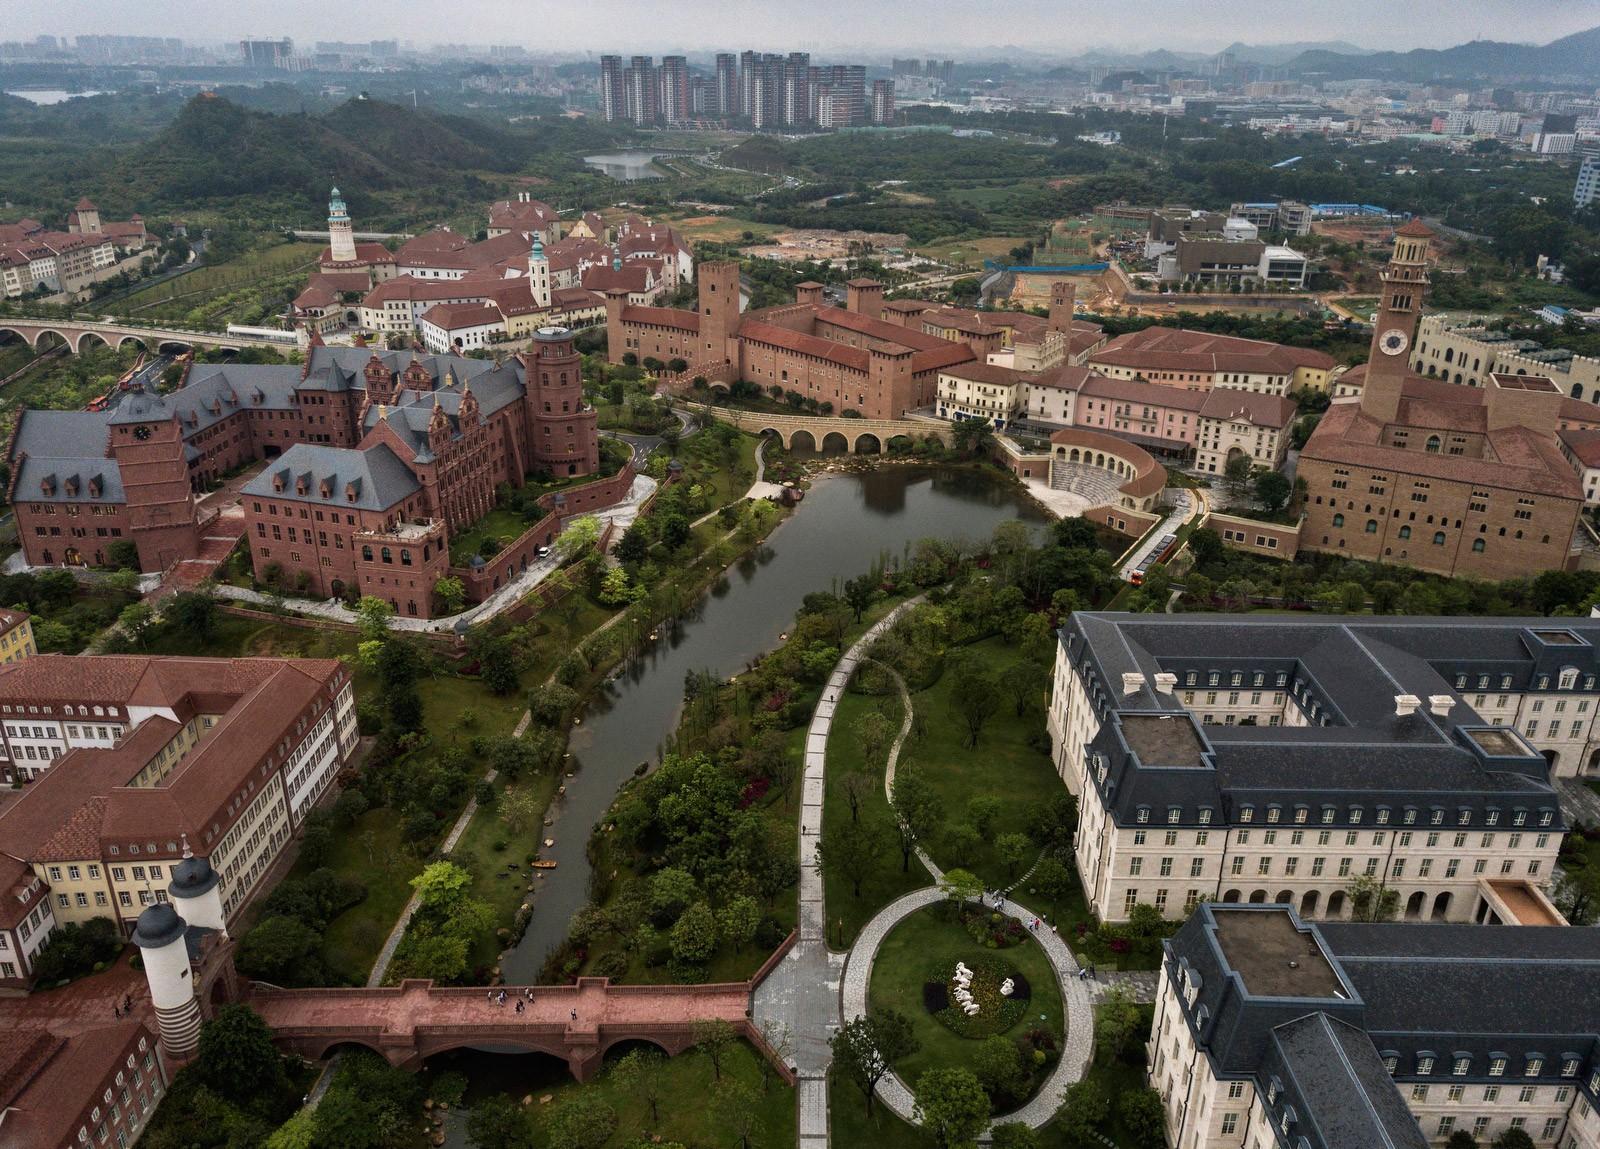 Bên trong Huawei: Đế chế công nghệ bí ẩn của thế giới nhưng là niềm mơ ước của người lao động Trung Quốc - Ảnh 10.